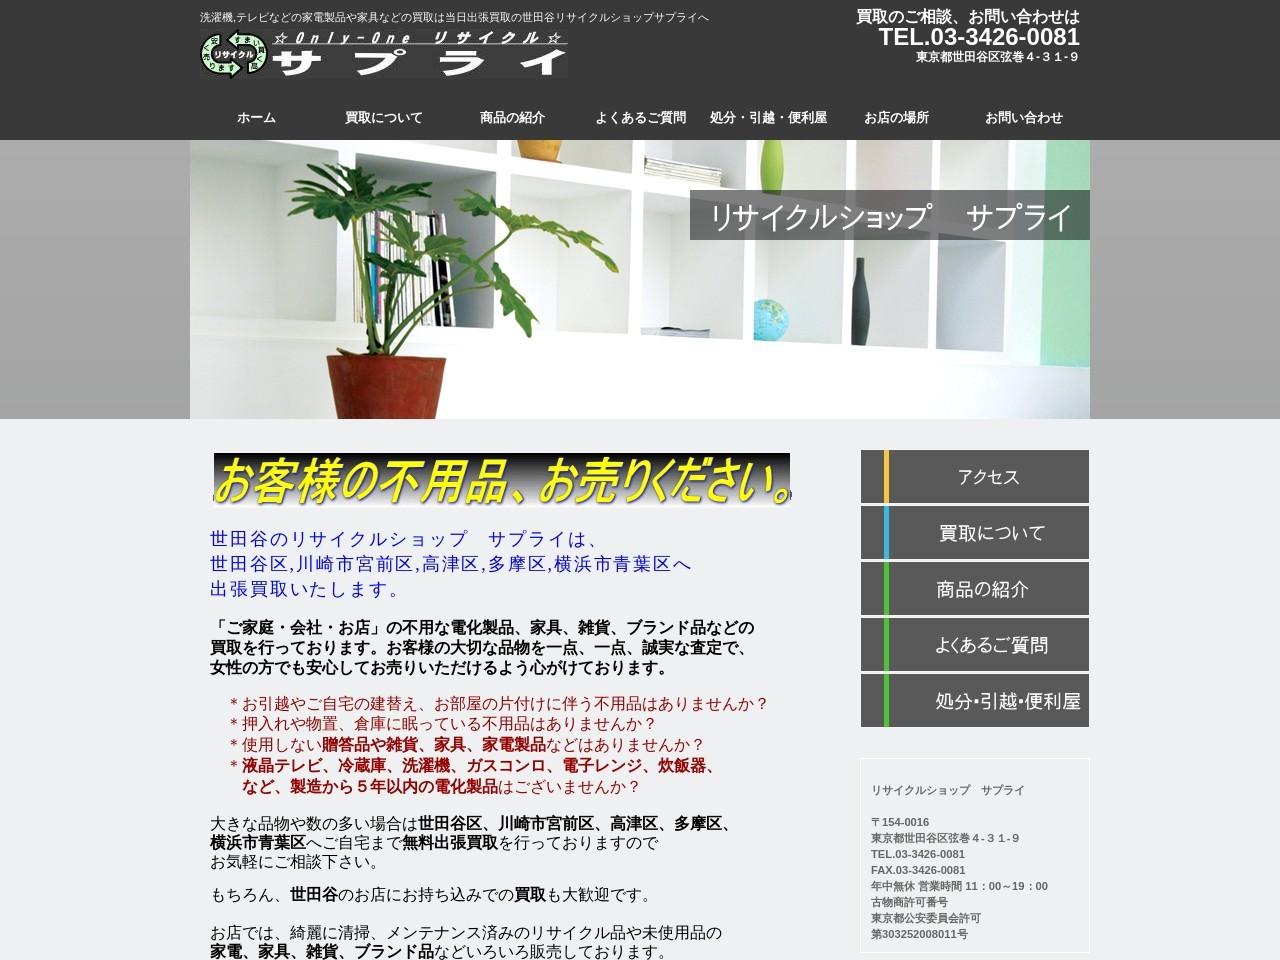 世田谷区や川崎市へ出張買取ならリサイクルショップ サプライにどうぞ